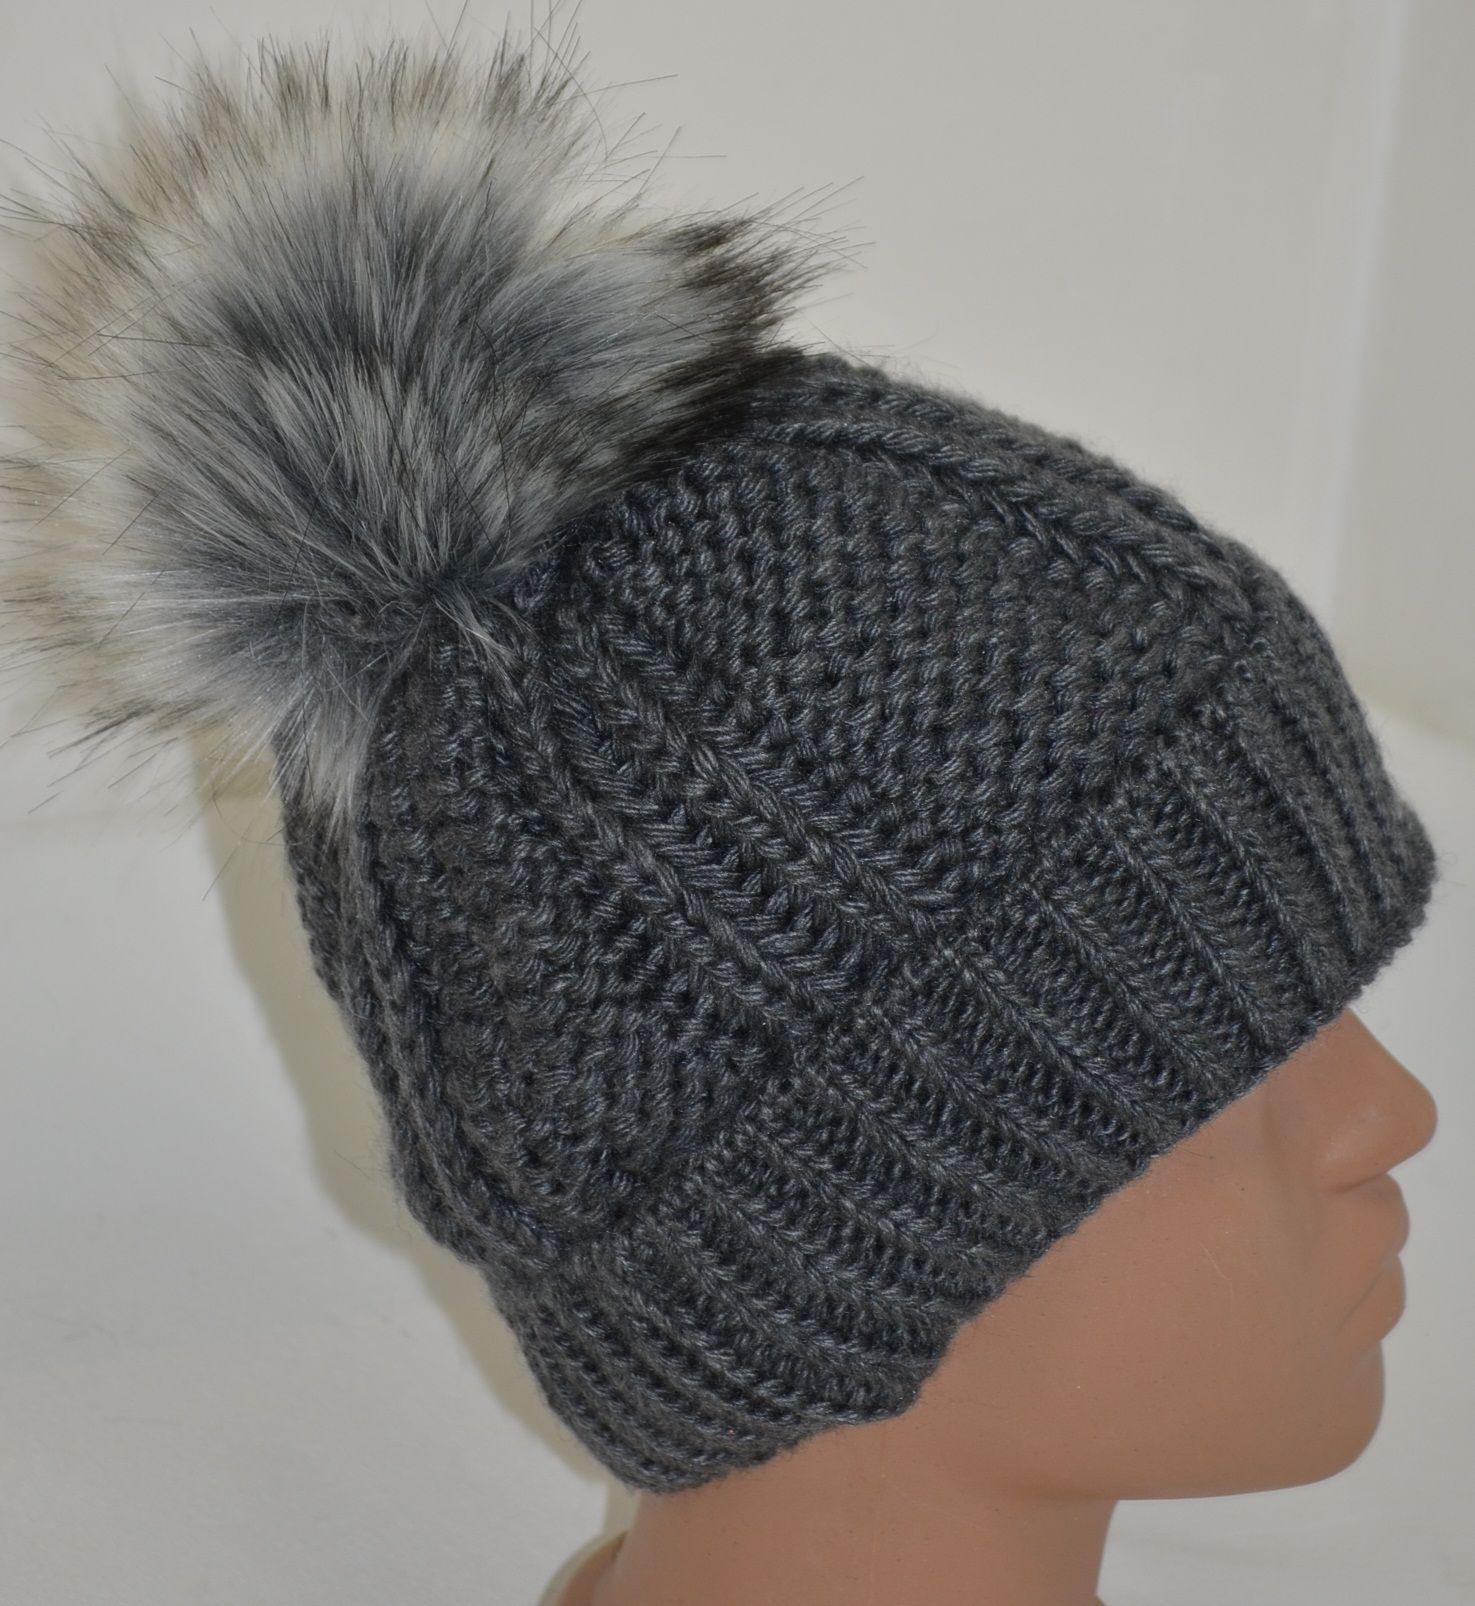 Плетена сива шапка с пъхкав сив помпон със светли крайчета, Онлайн магазин Моник